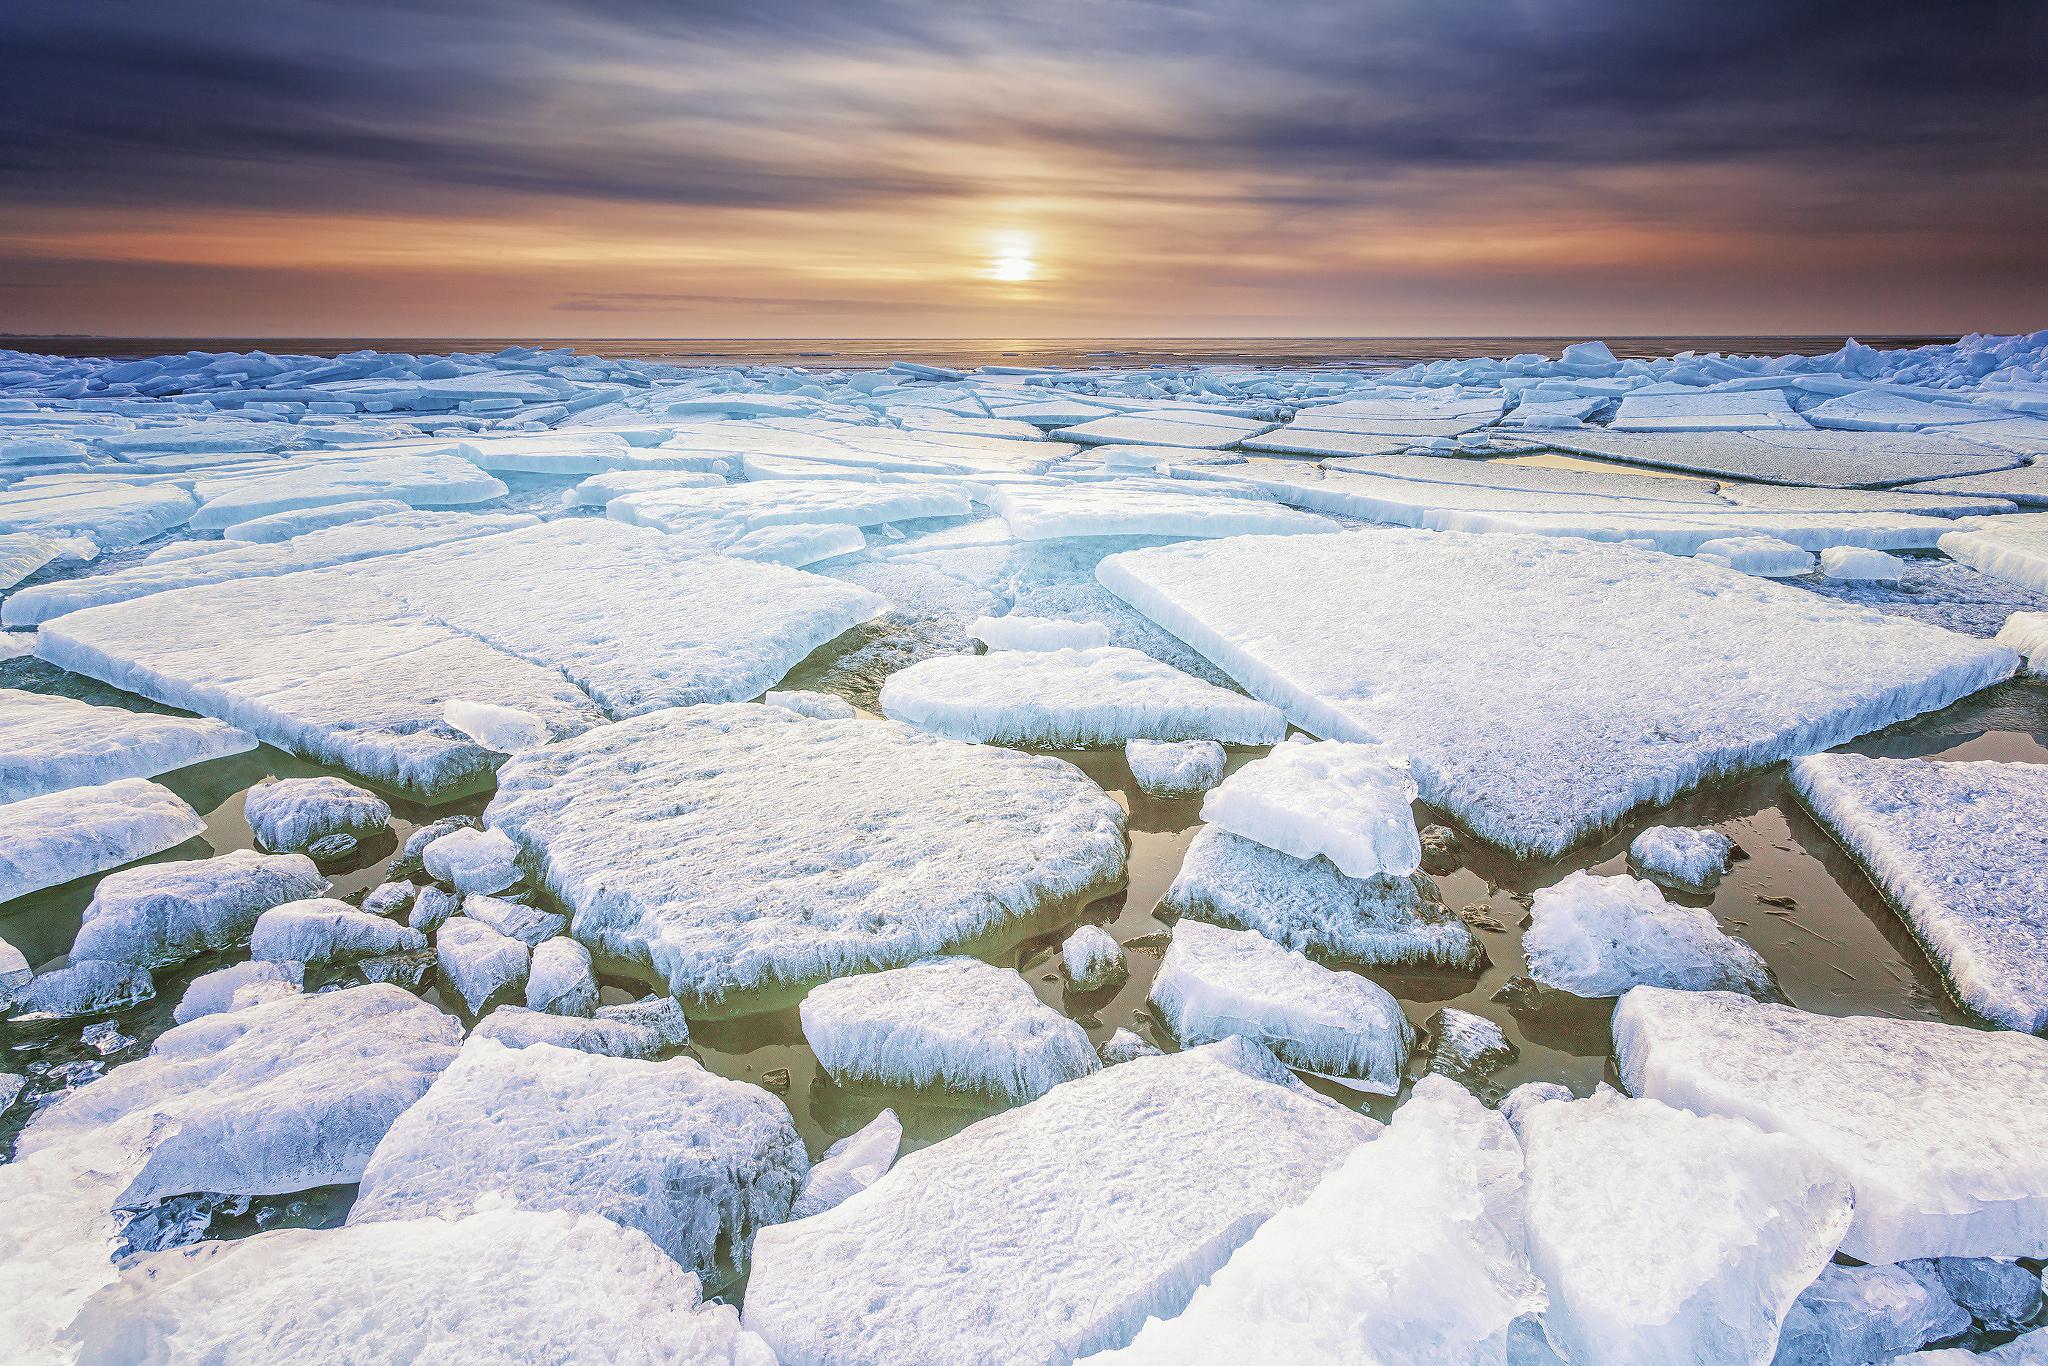 солнце льдины фокус  № 3229492 без смс